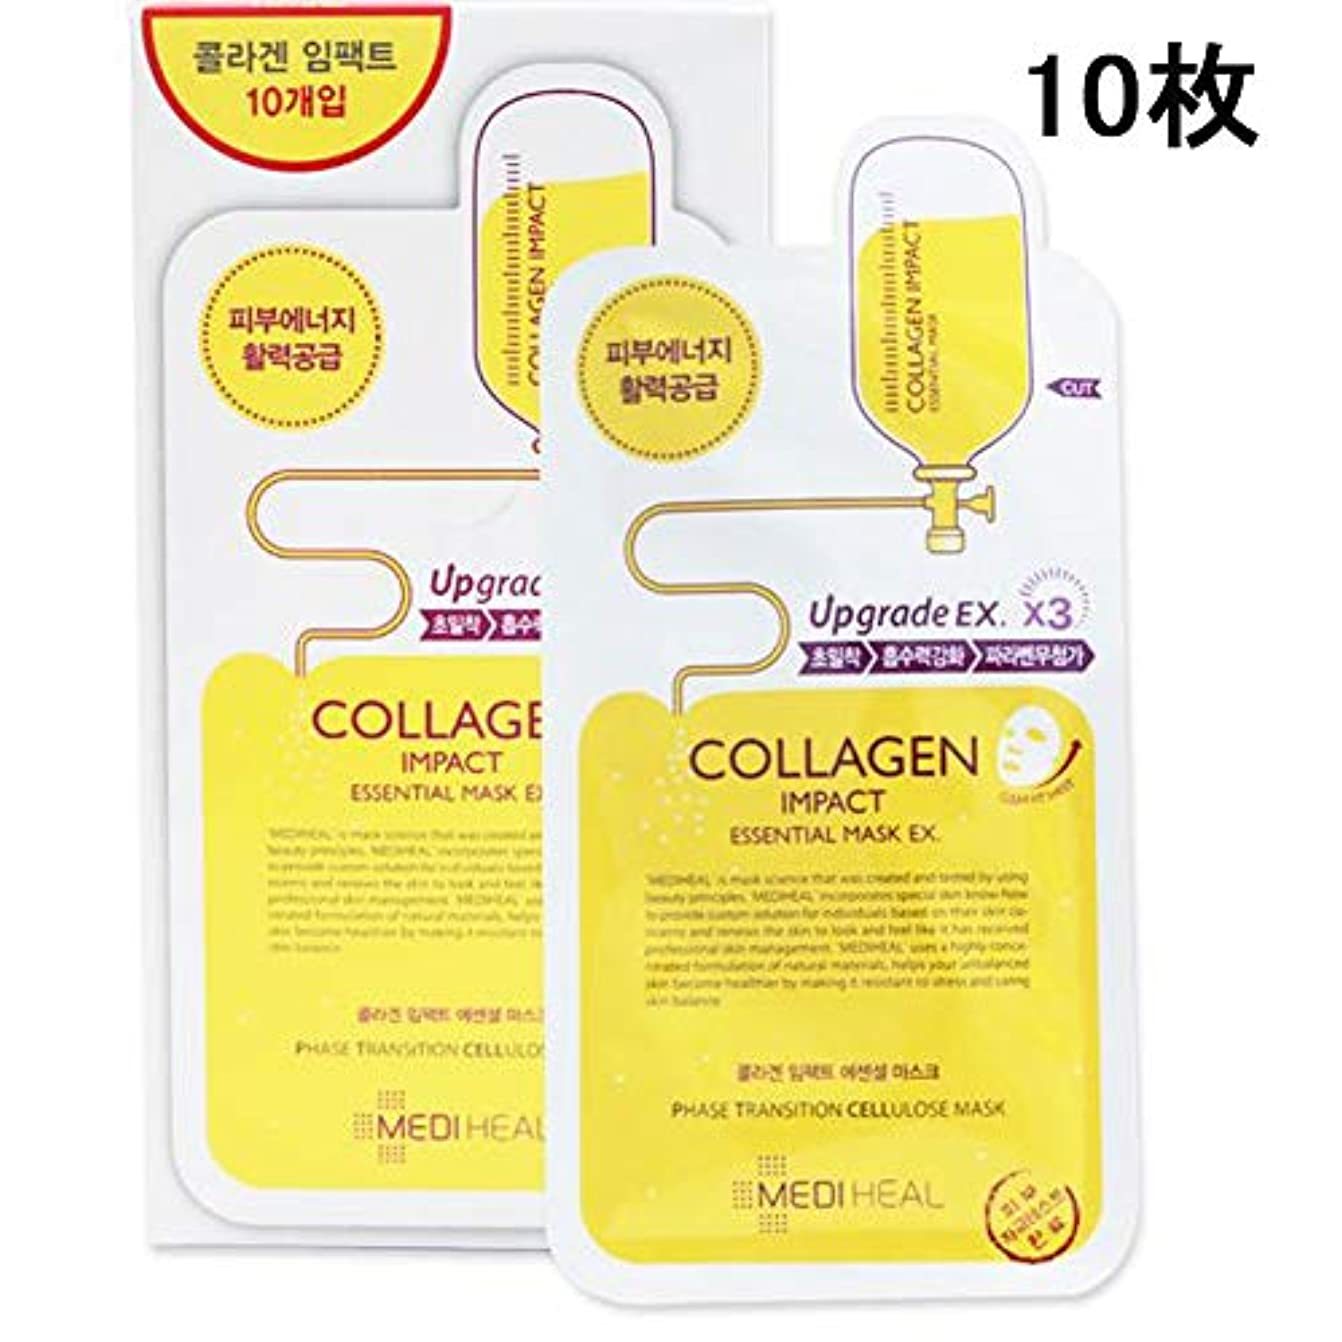 ばかげているシビックエンターテインメント[メディヒール] Mediheal Colagen Impact Essential Mask メディヒールコラーゲンインパクトエッセンシャルマスクシートEX 10枚 (24ml) [海外直送品][並行輸入品]